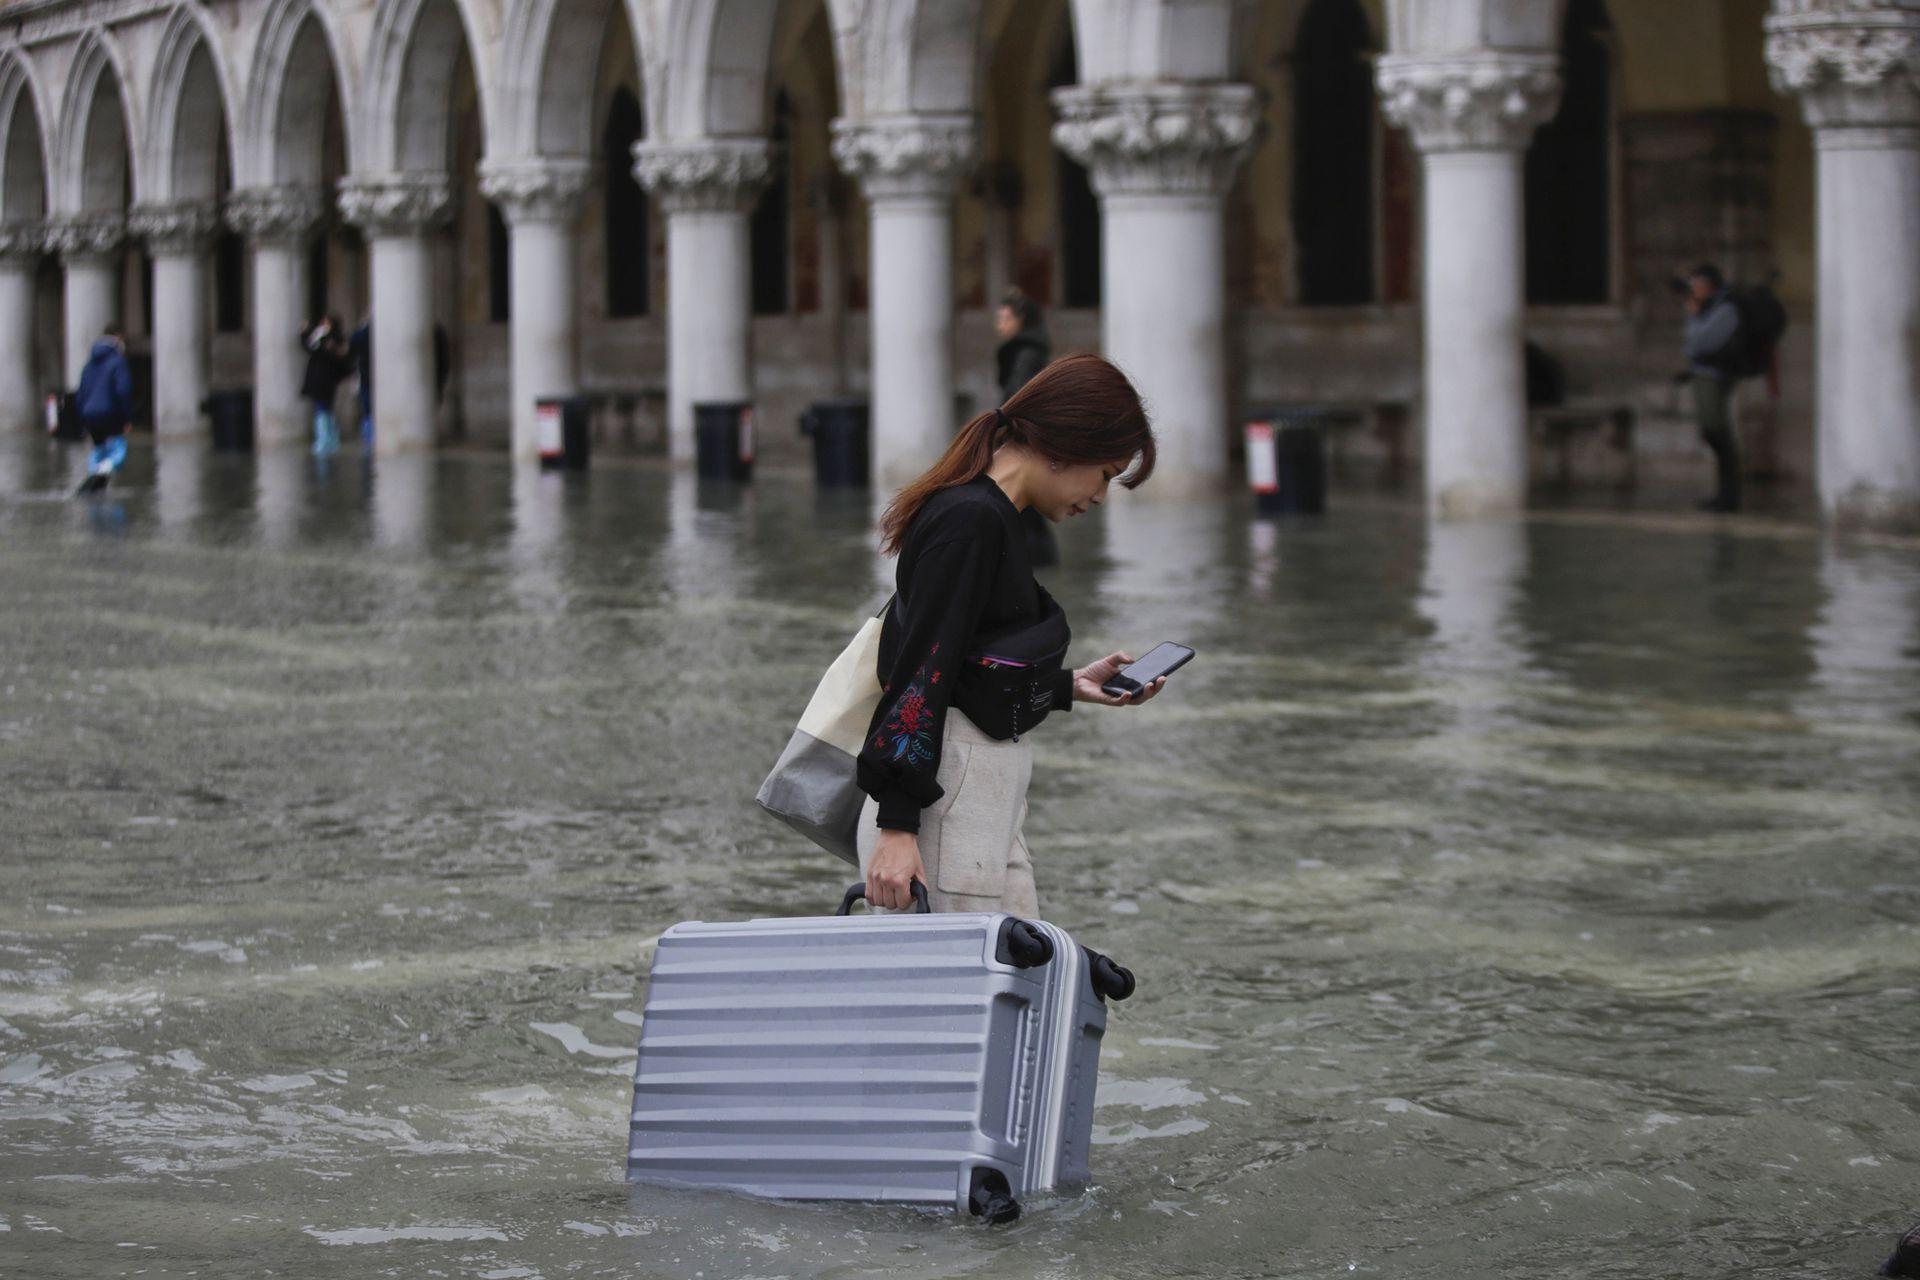 Un turista lleva su equipaje en una plaza inundada de San Marcos, en Venecia